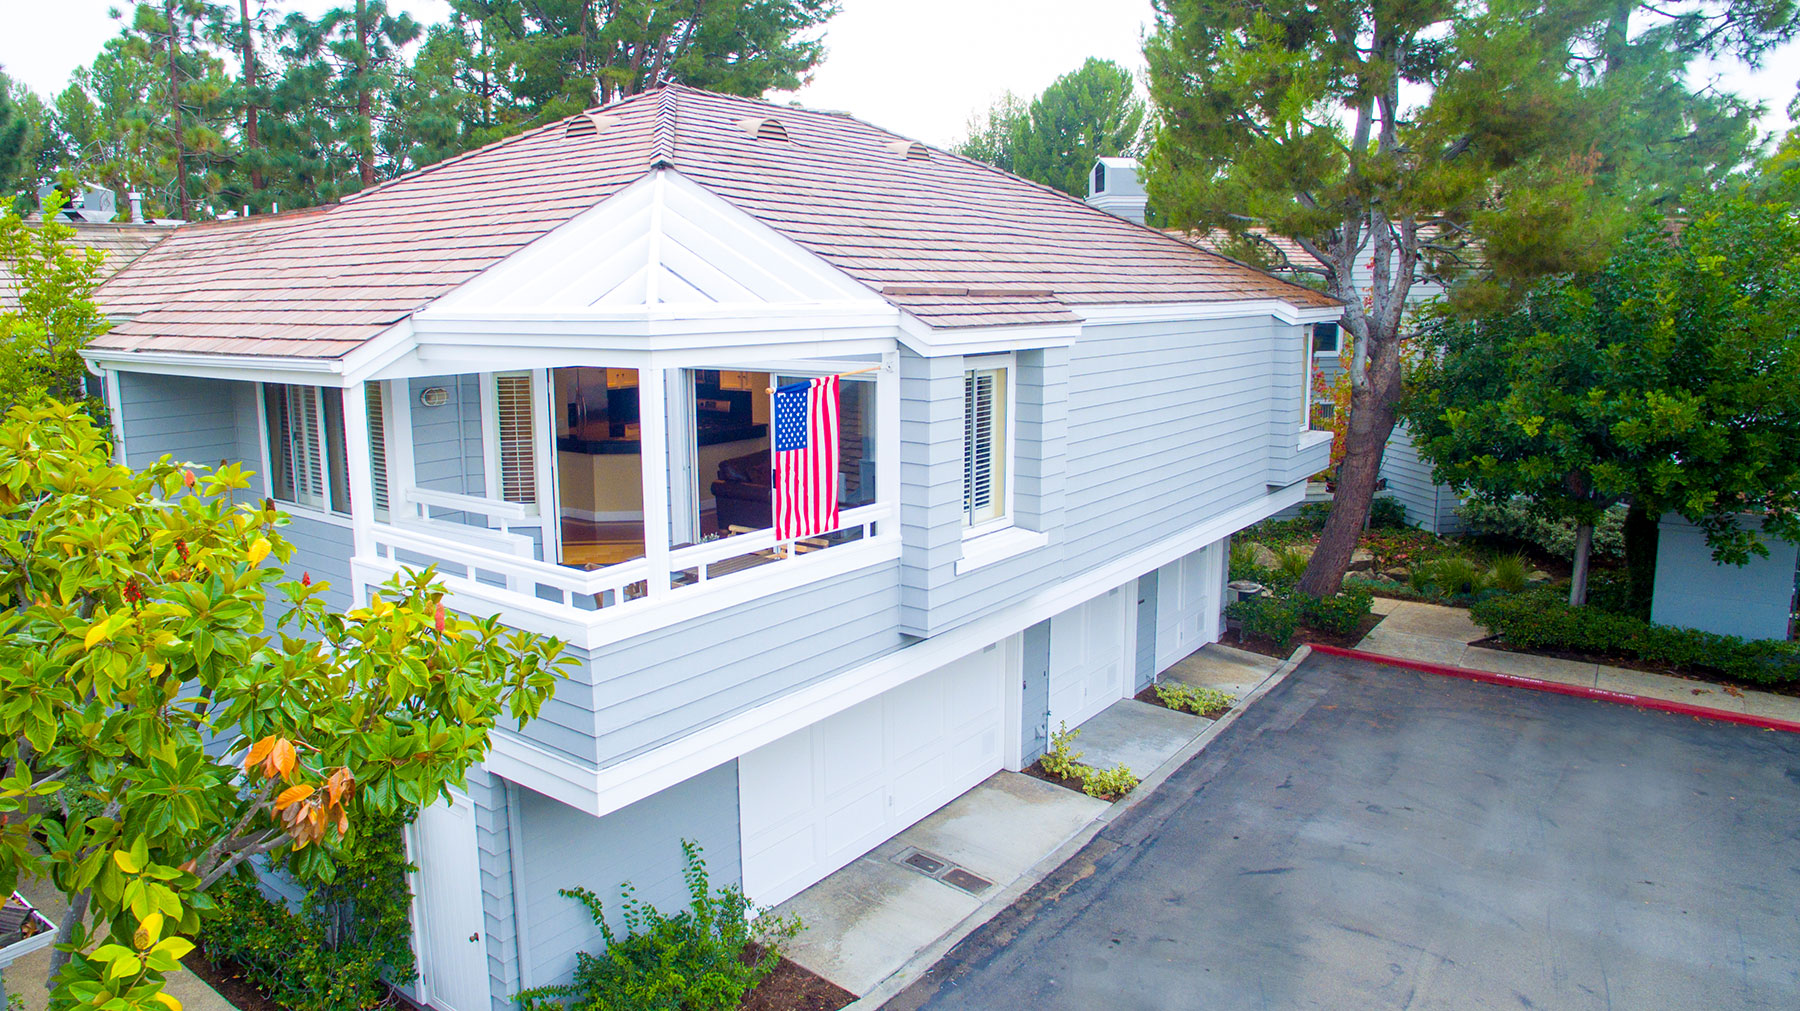 共管物業 為 出售 在 279 Haverfield Newport Beach, 加利福尼亞州, 92660 美國